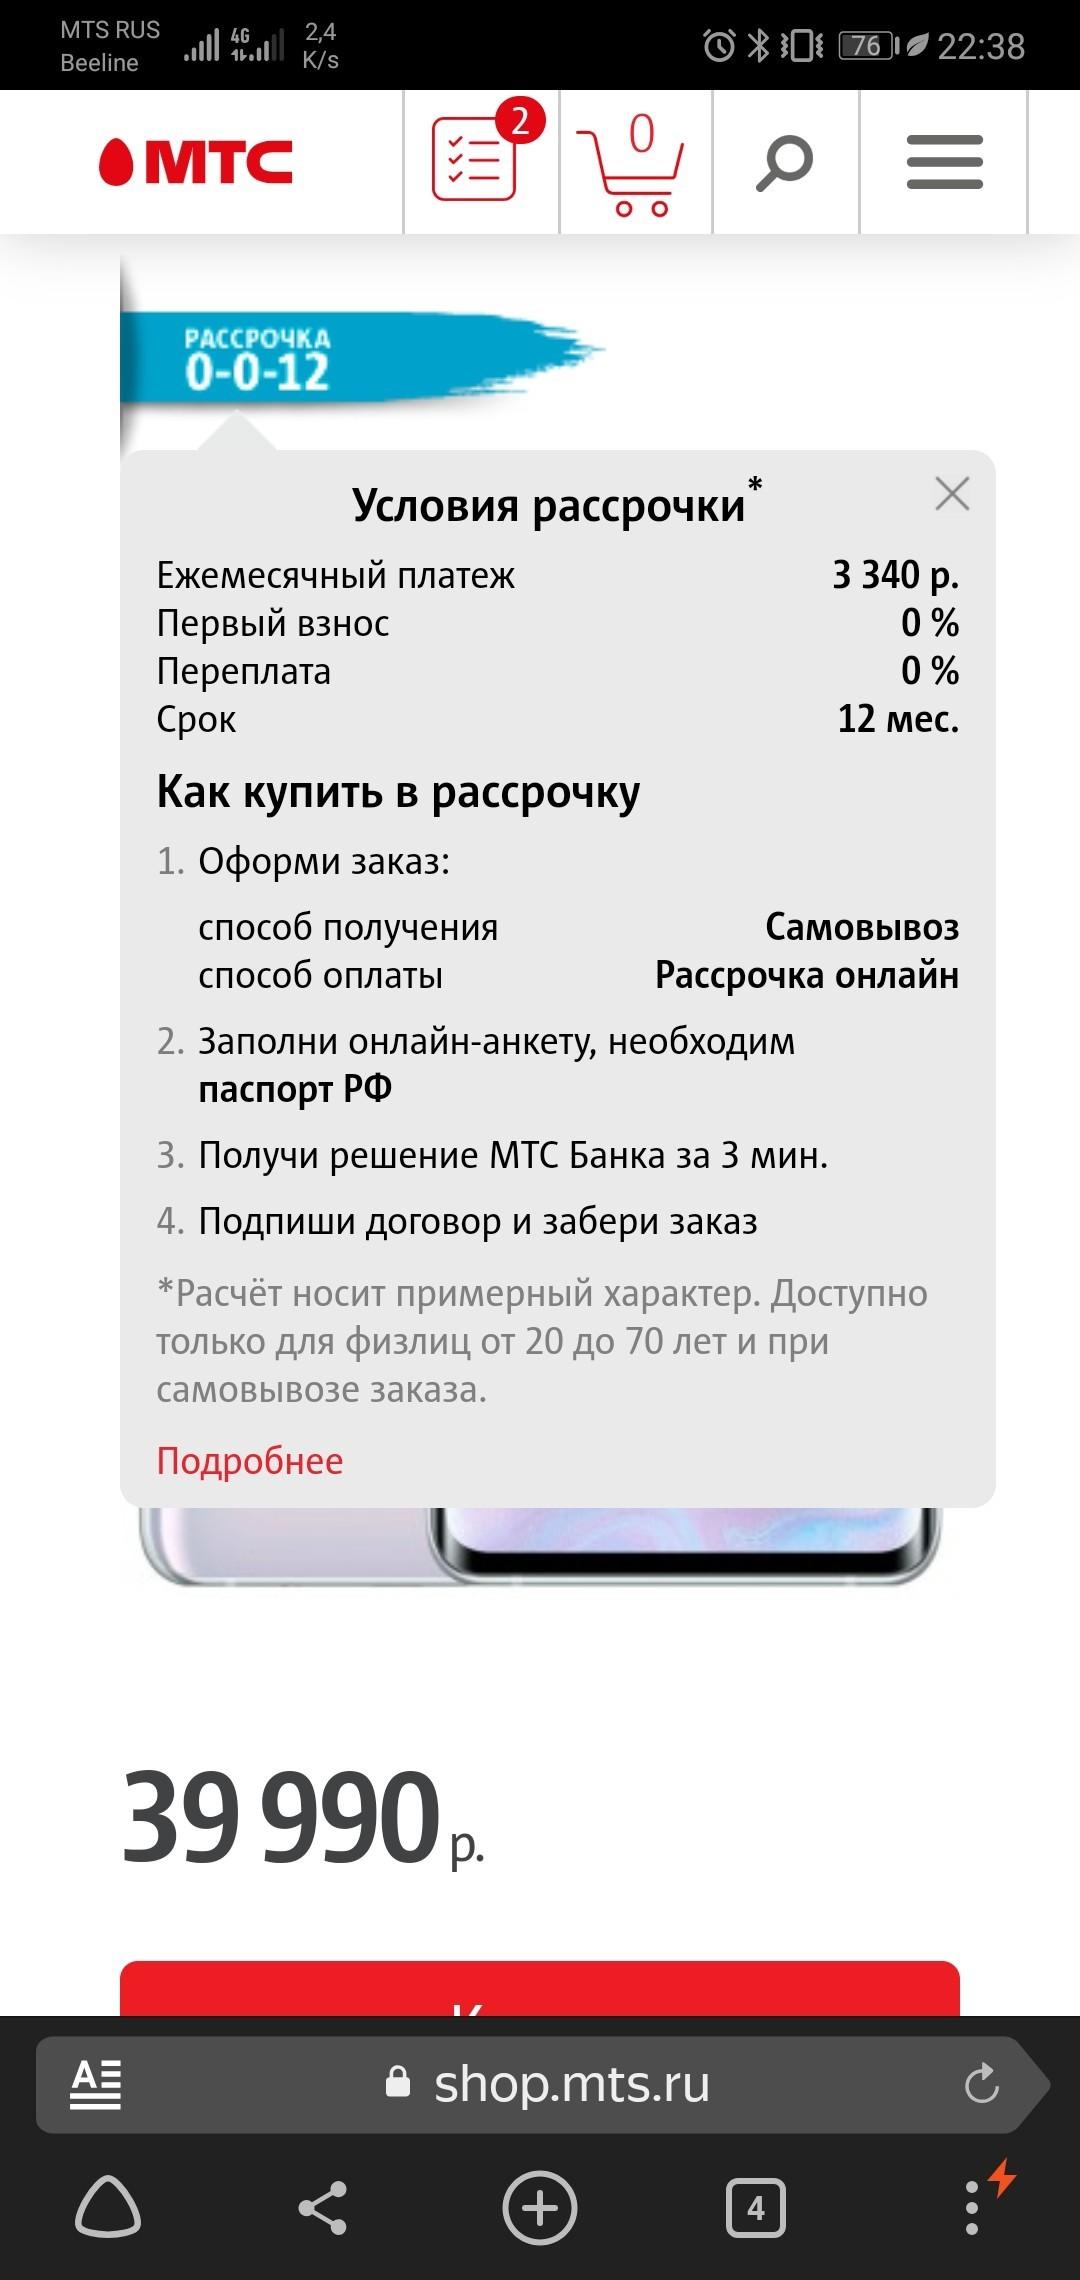 Уральский кредитный банк официальный сайт